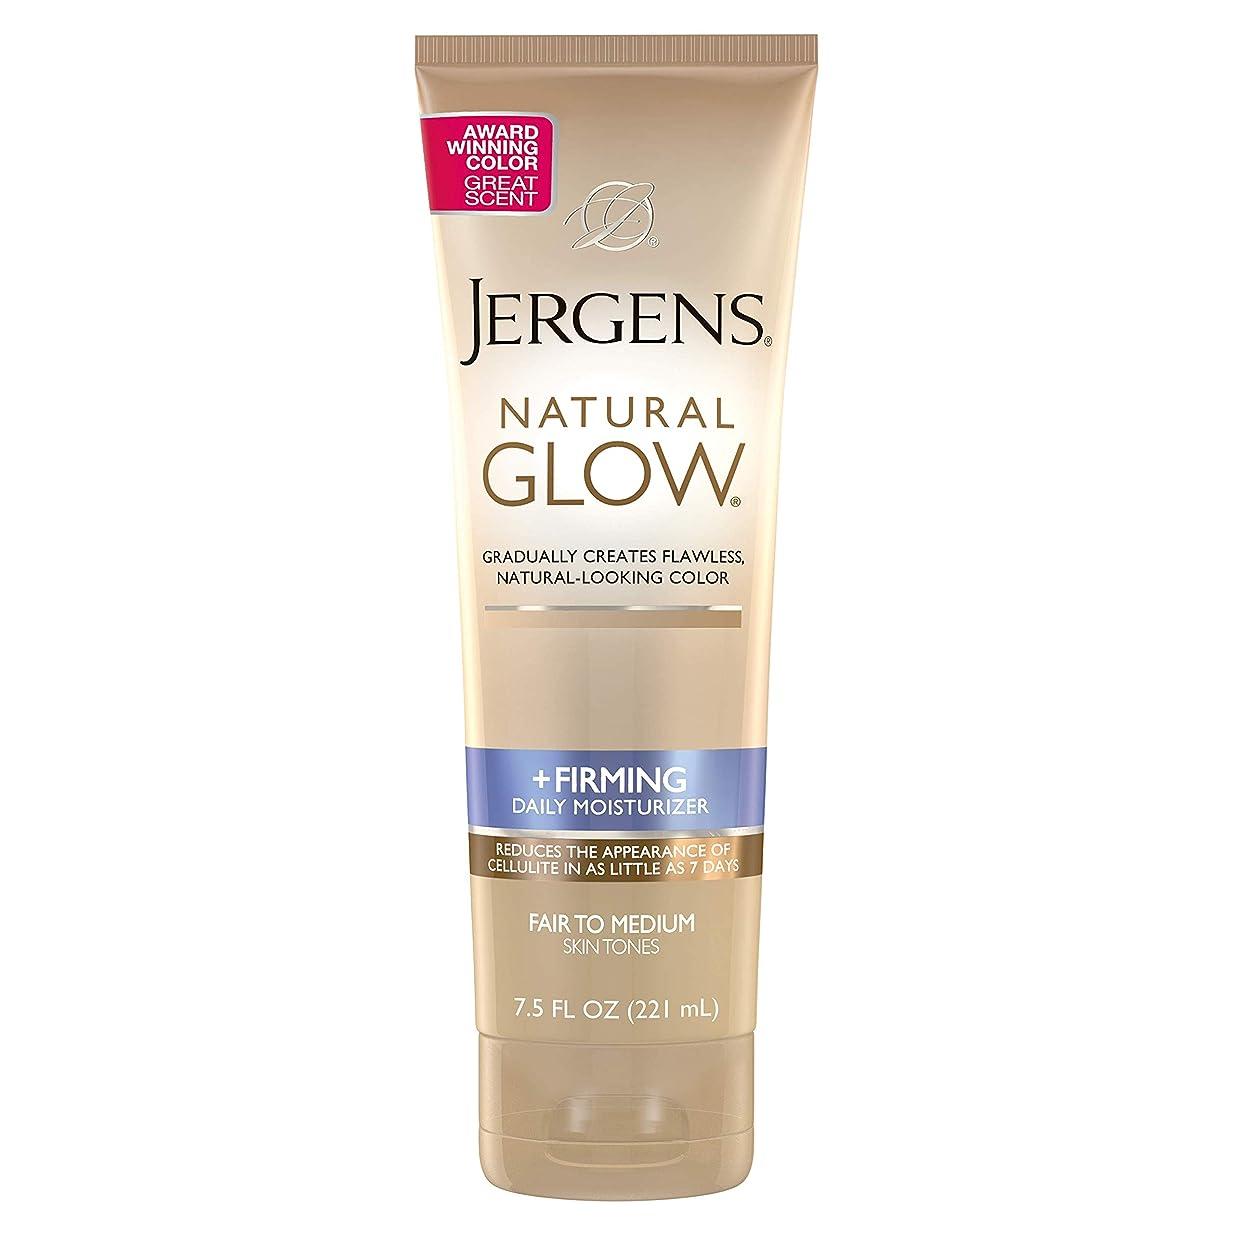 嬉しいです生息地限定Natural Glow Firming Moisturizer for Fair to Mediu Jergens 7.5 oz Moisturizer For Unisex (並行輸入品)